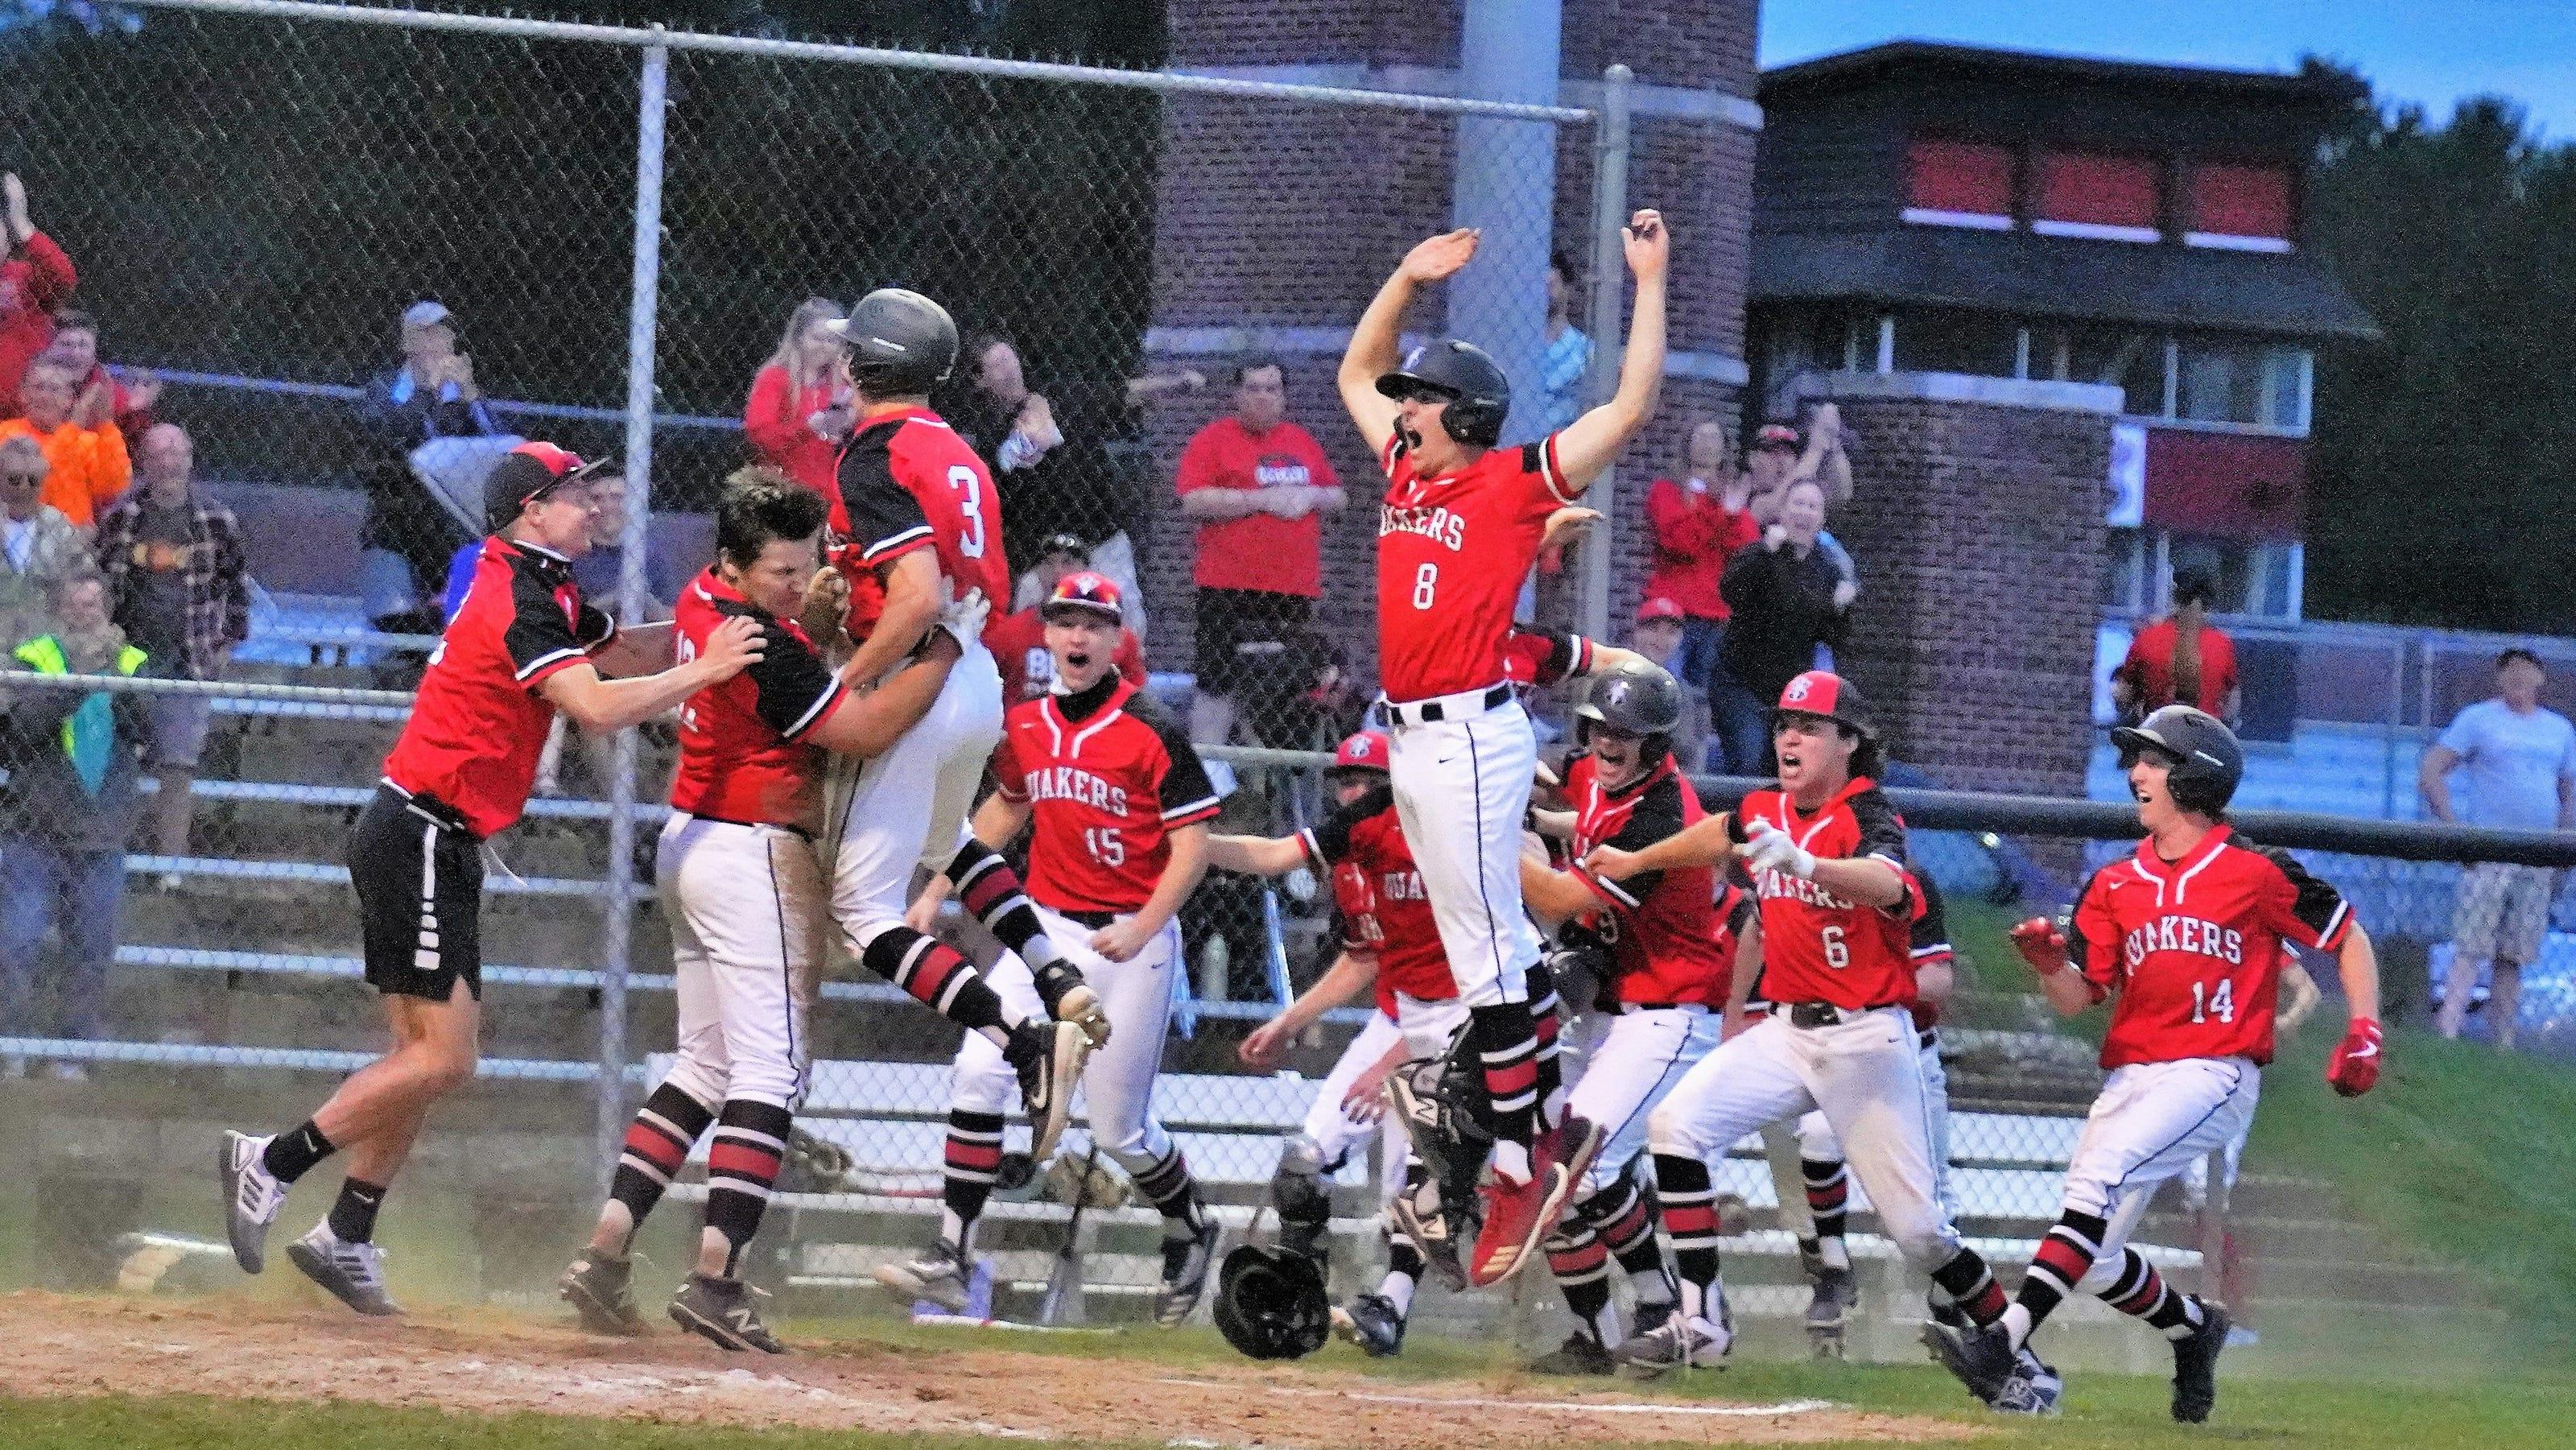 New Phila tops Dover in 5-4 in an 11-inning baseball marathon